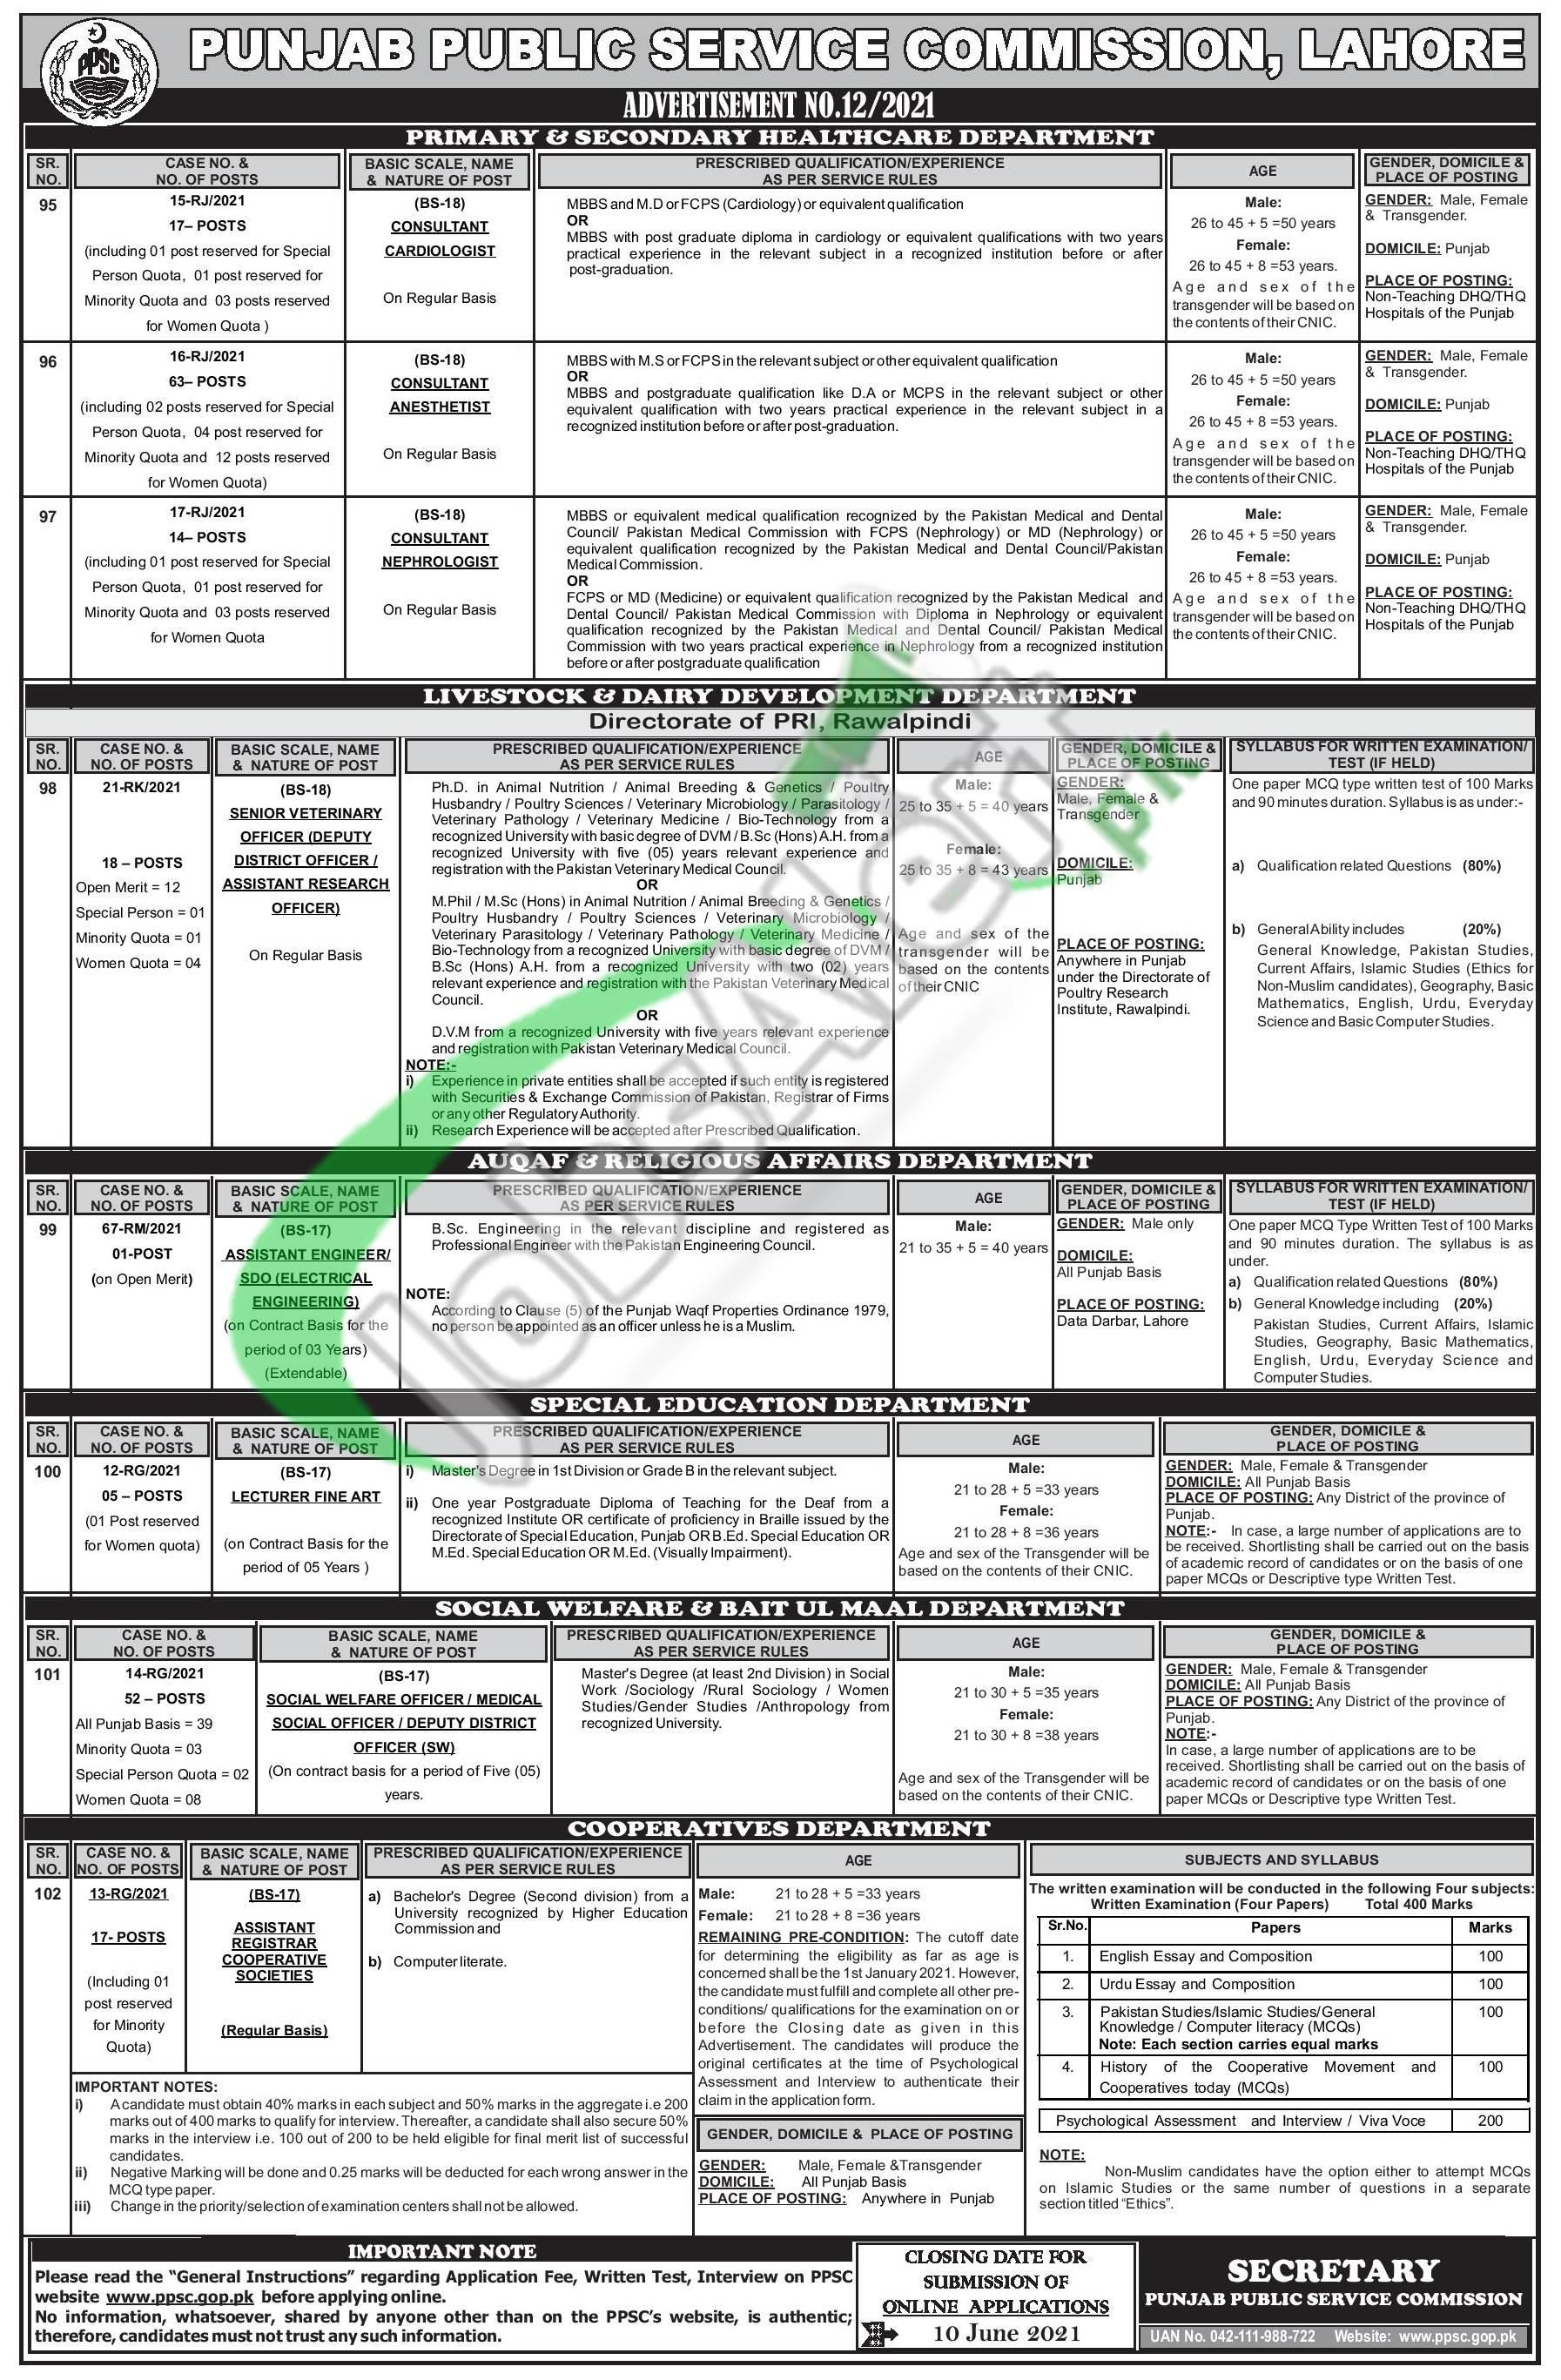 PPSC Jobs